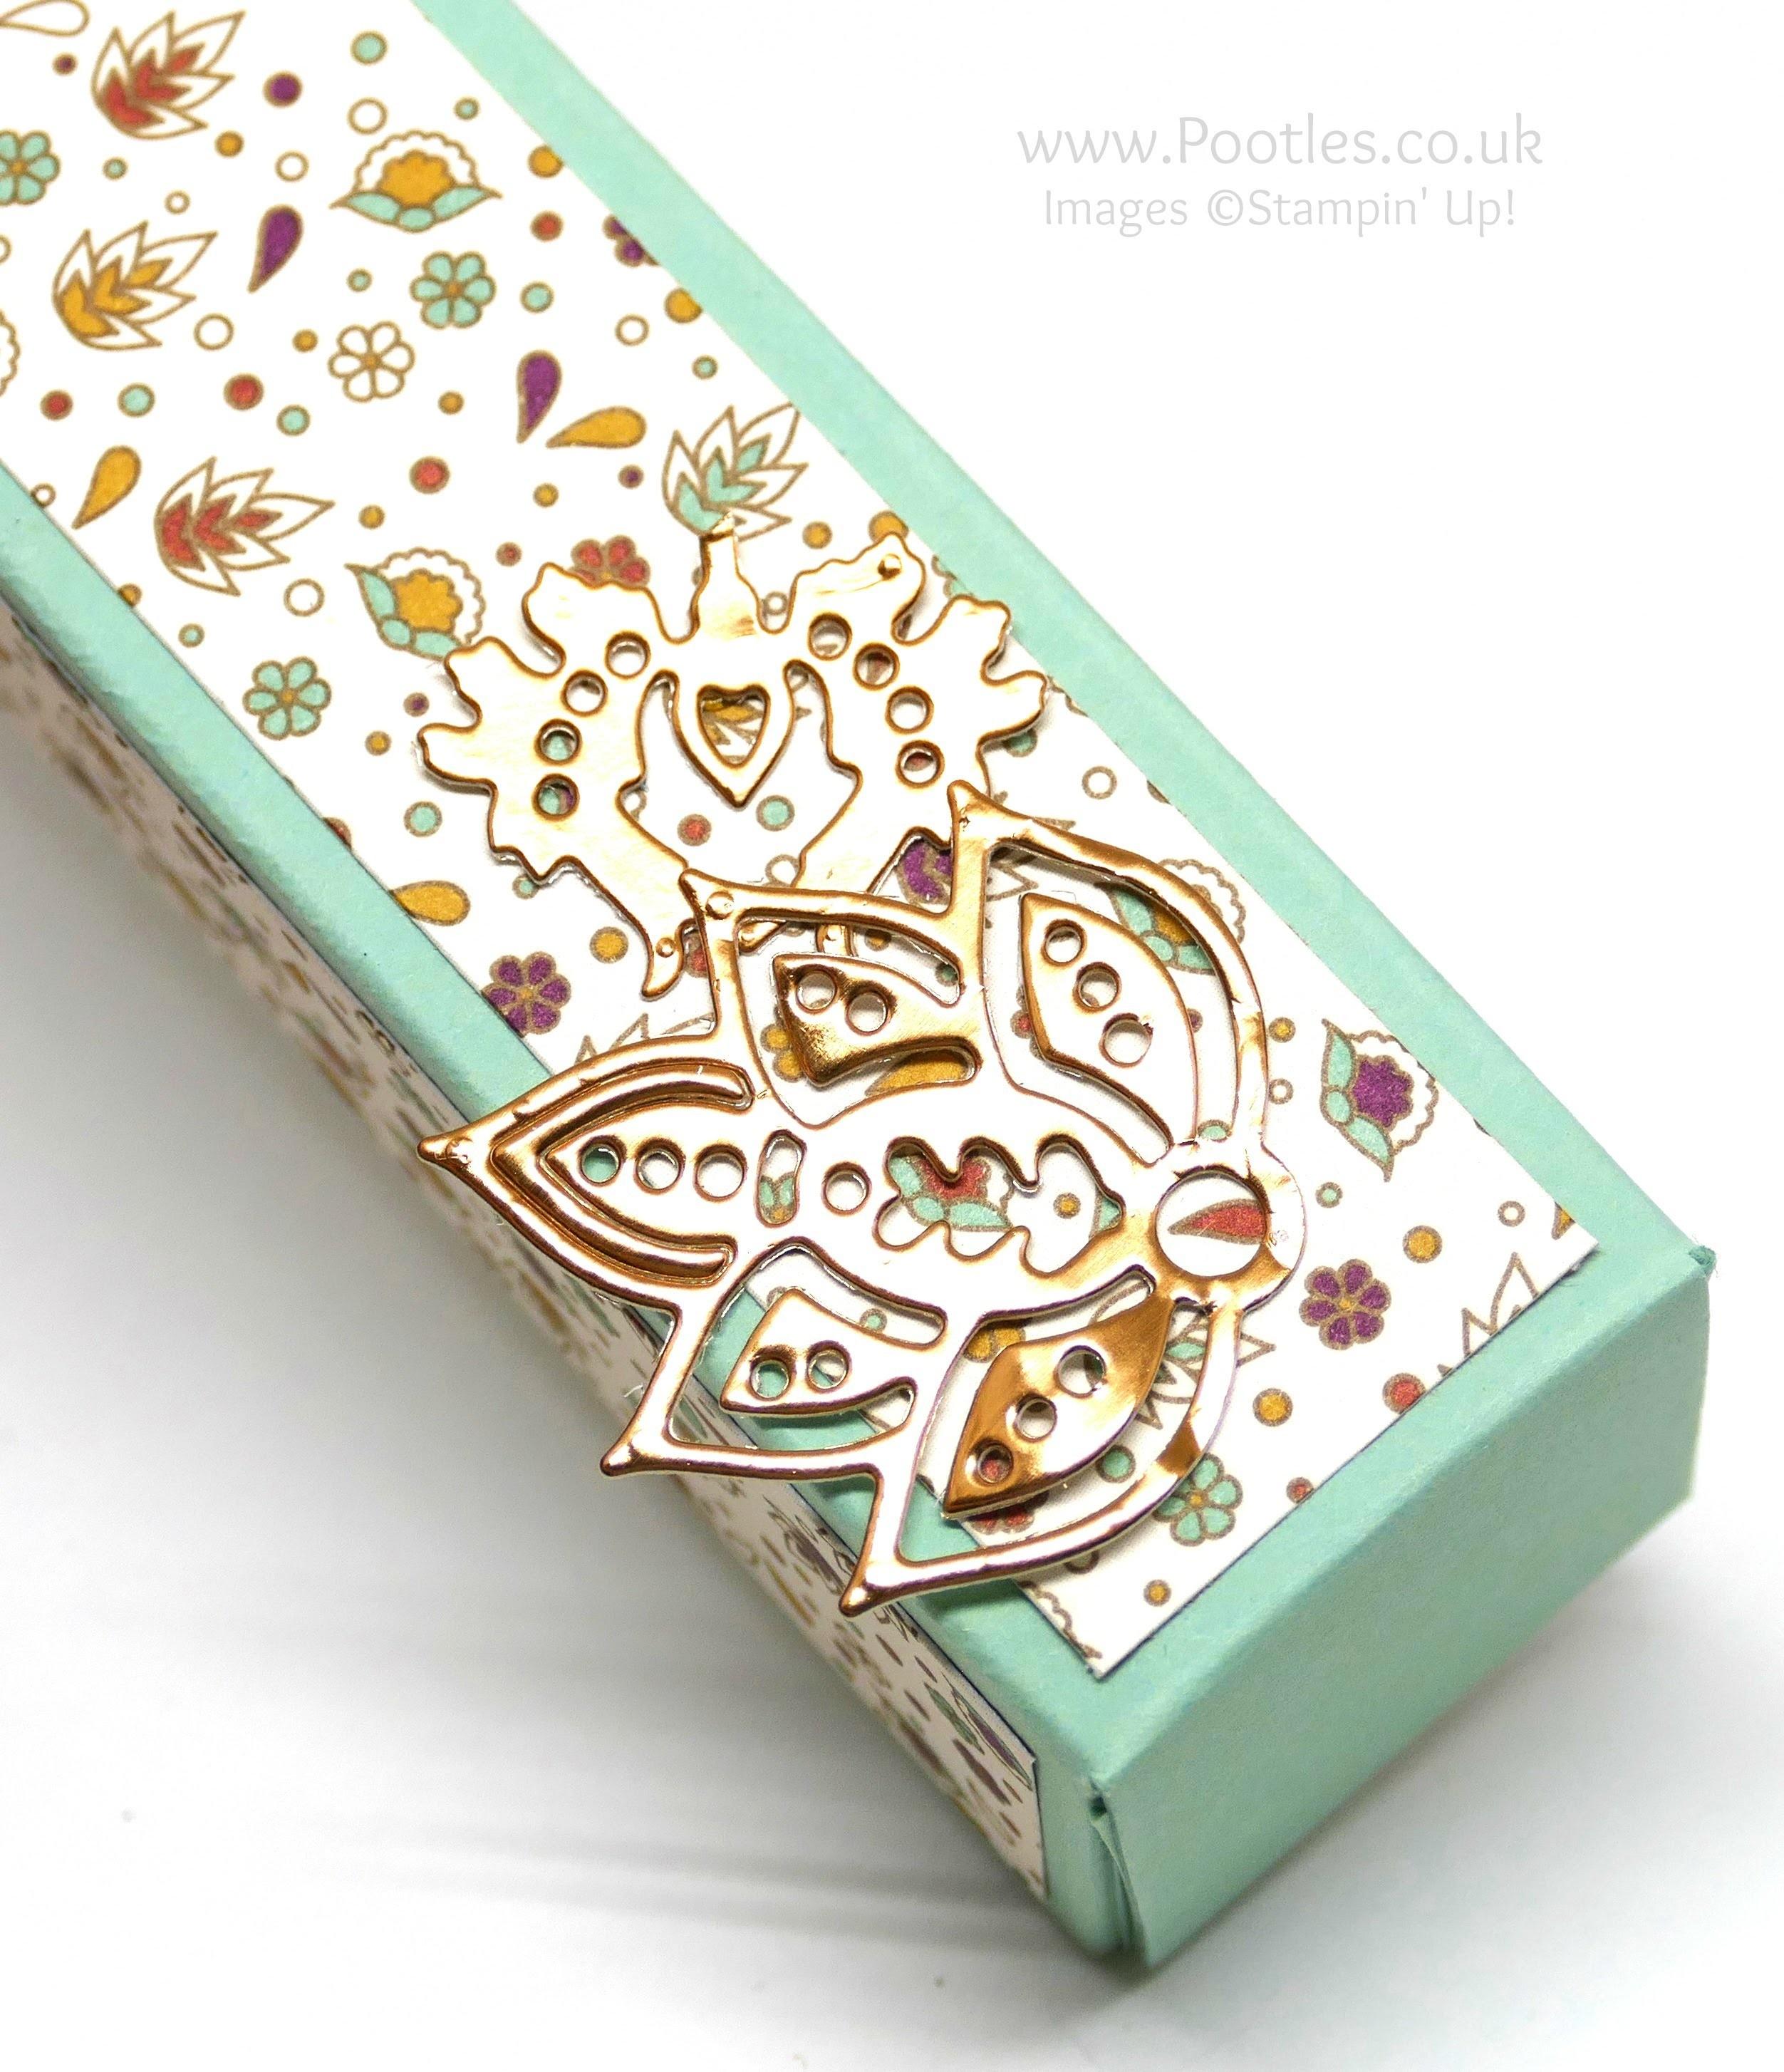 Tall Slender Pretty Box using Stampin' Up! Petals & Paisleys